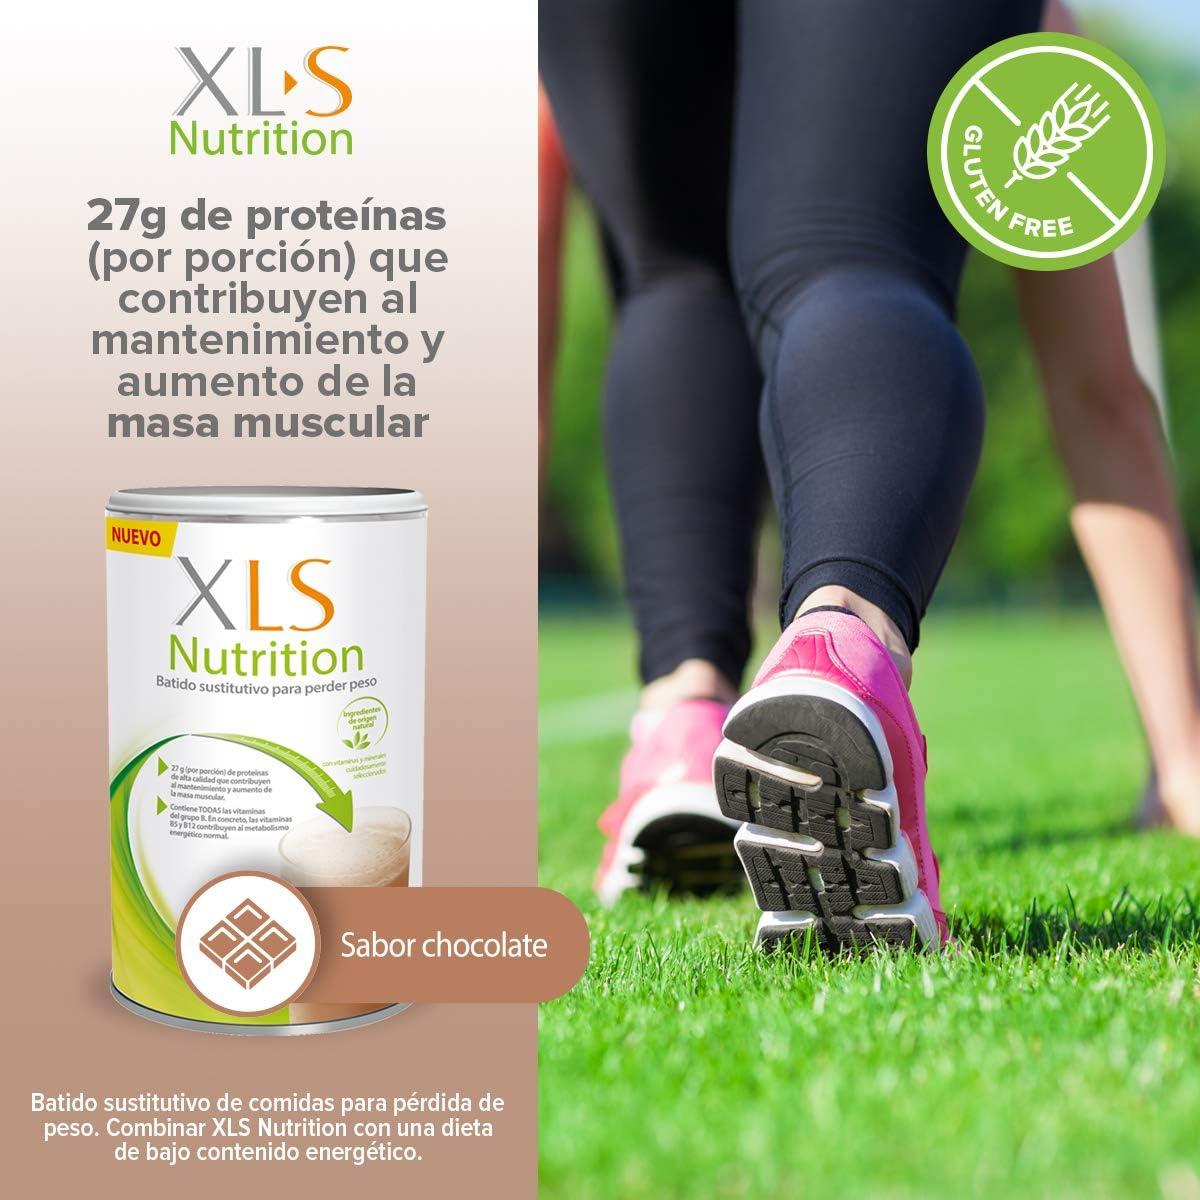 XLS Medical Nutrition Chocolate + Shaker de regalo - Batido sustitutivo de comidas para perder peso - Ingredientes de origen natural - contiene todas ...